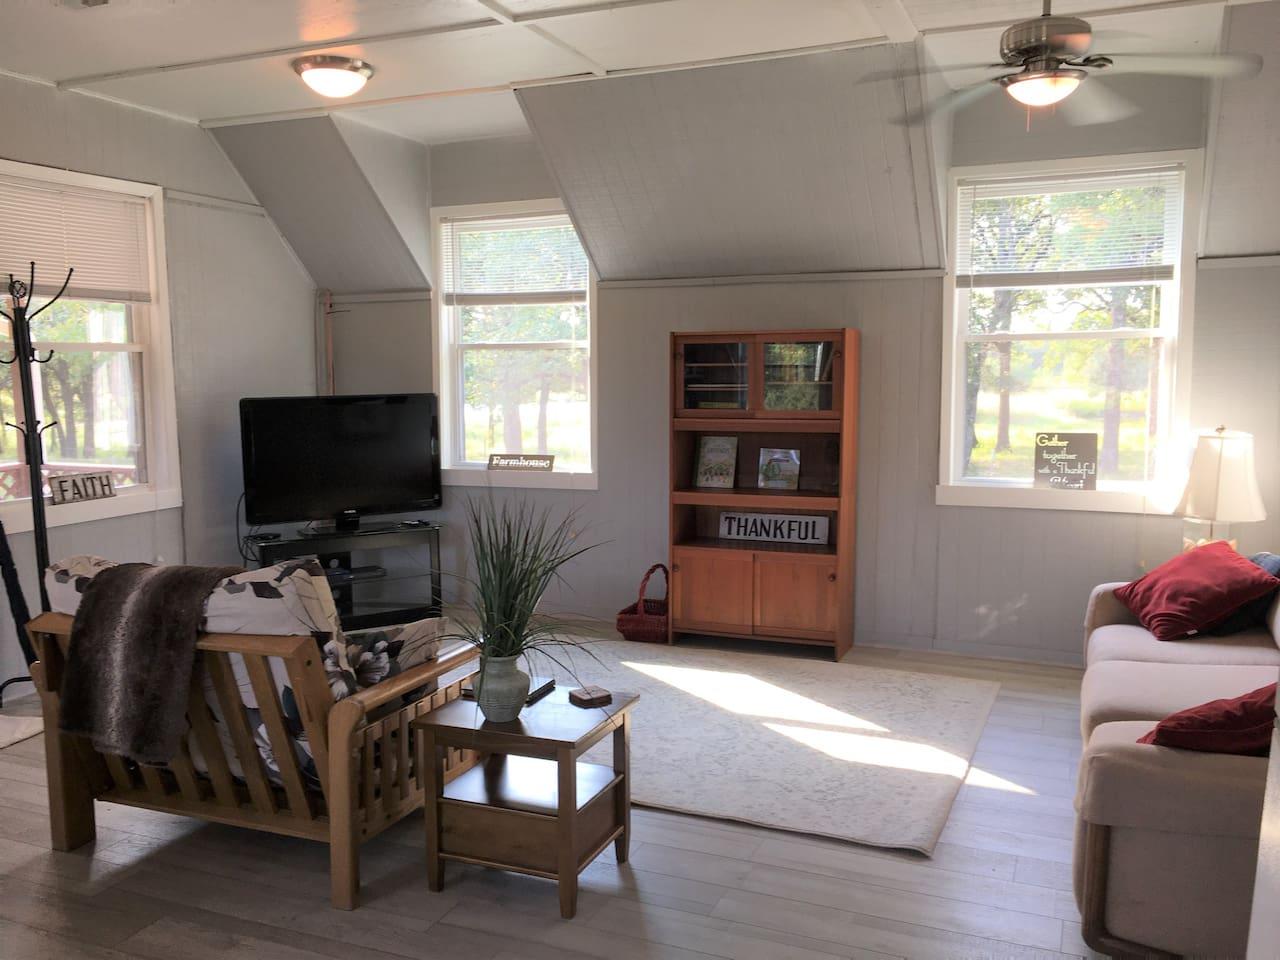 Rancho Liebe - Airbnbs in Waco Texas